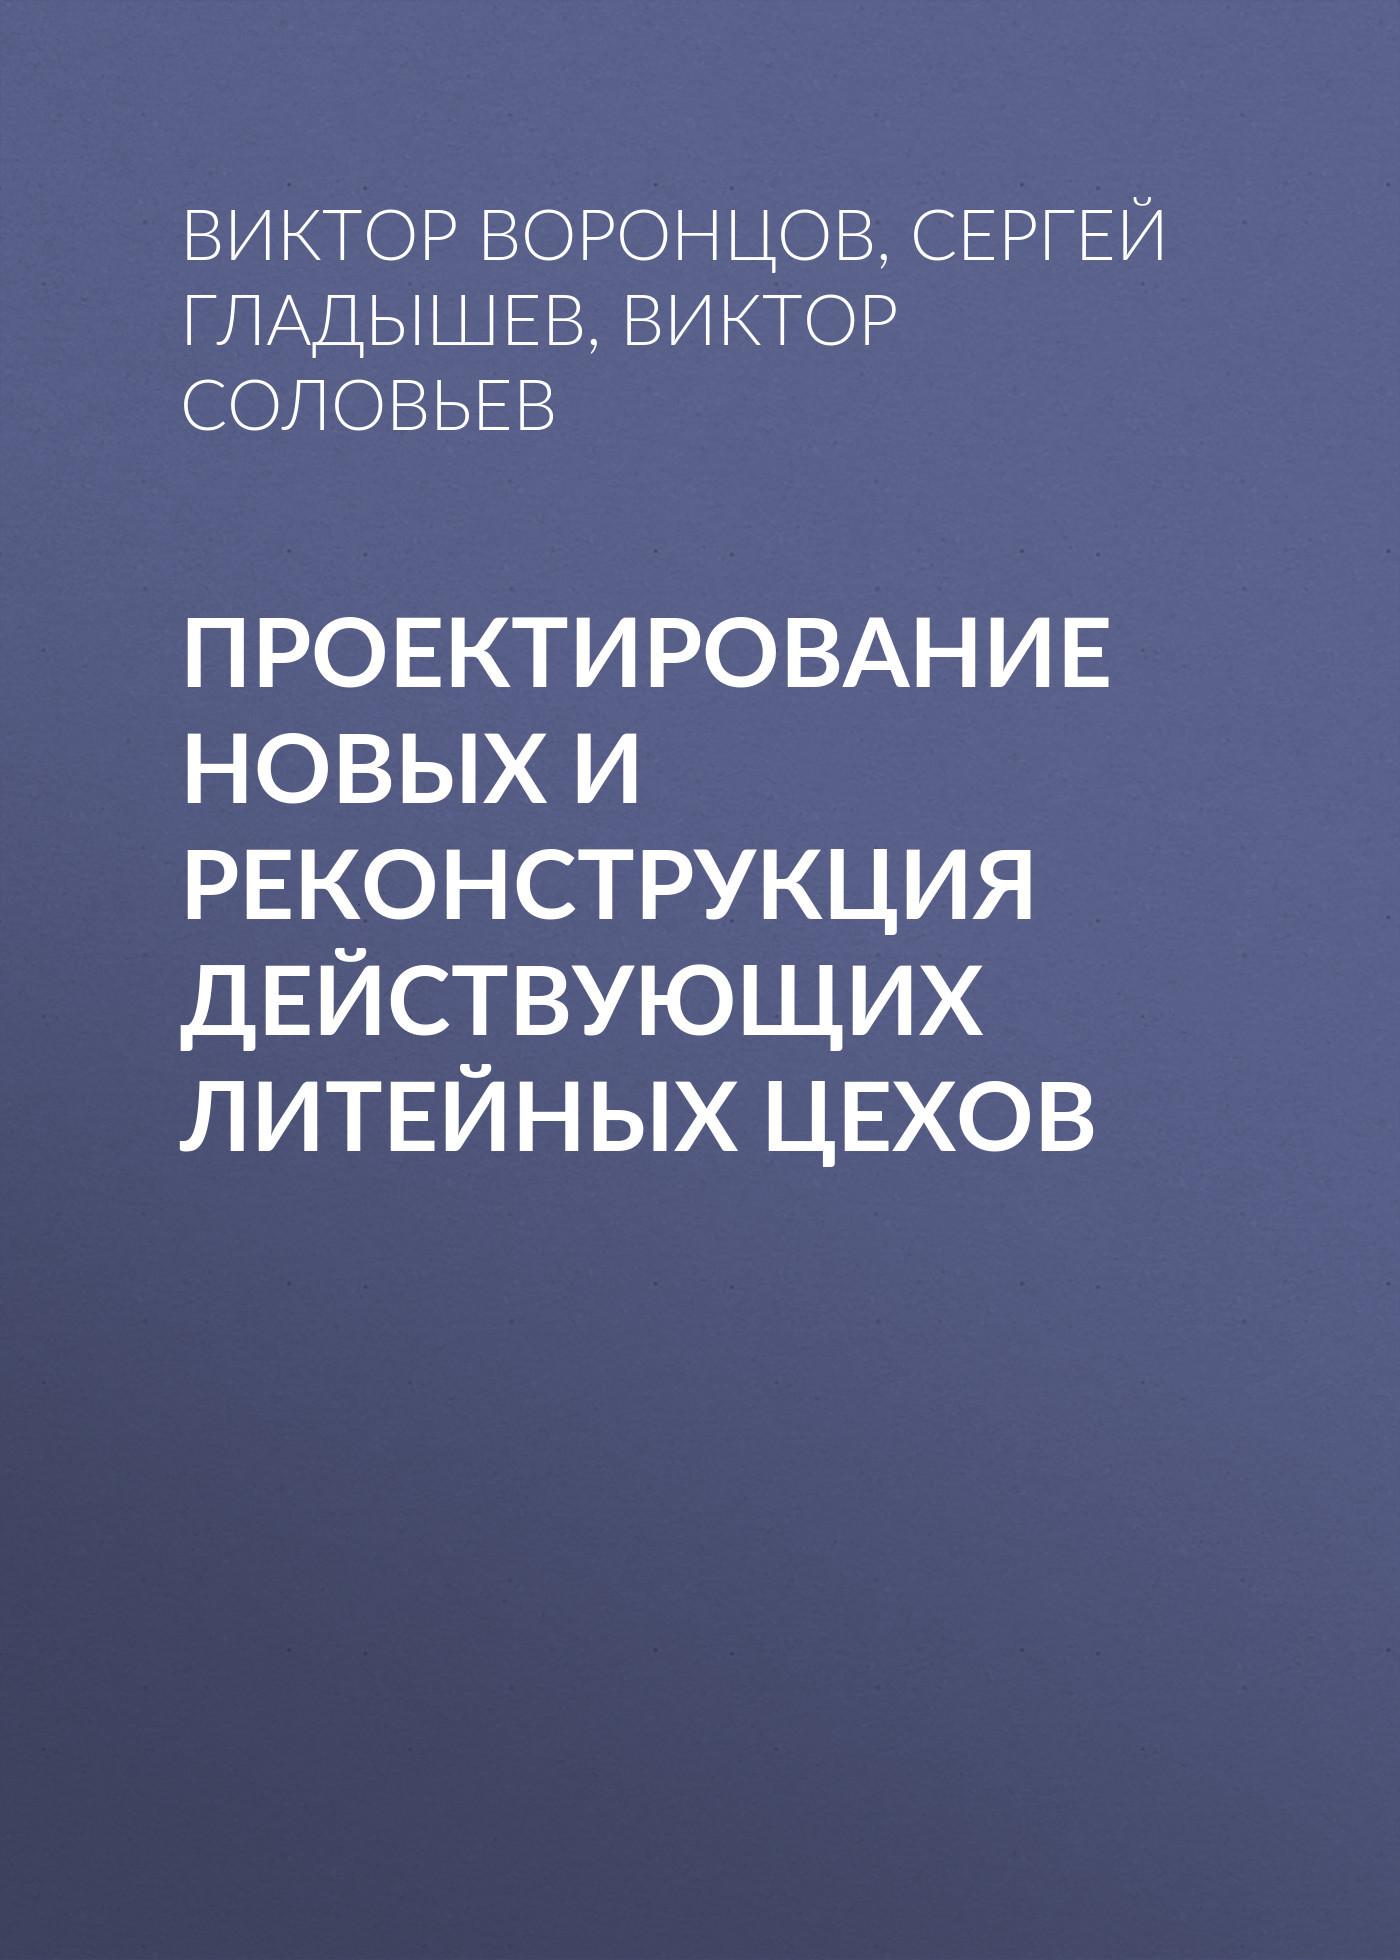 Виктор Соловьев Проектирование новых и реконструкция действующих литейных цехов оборудование литейных цехов